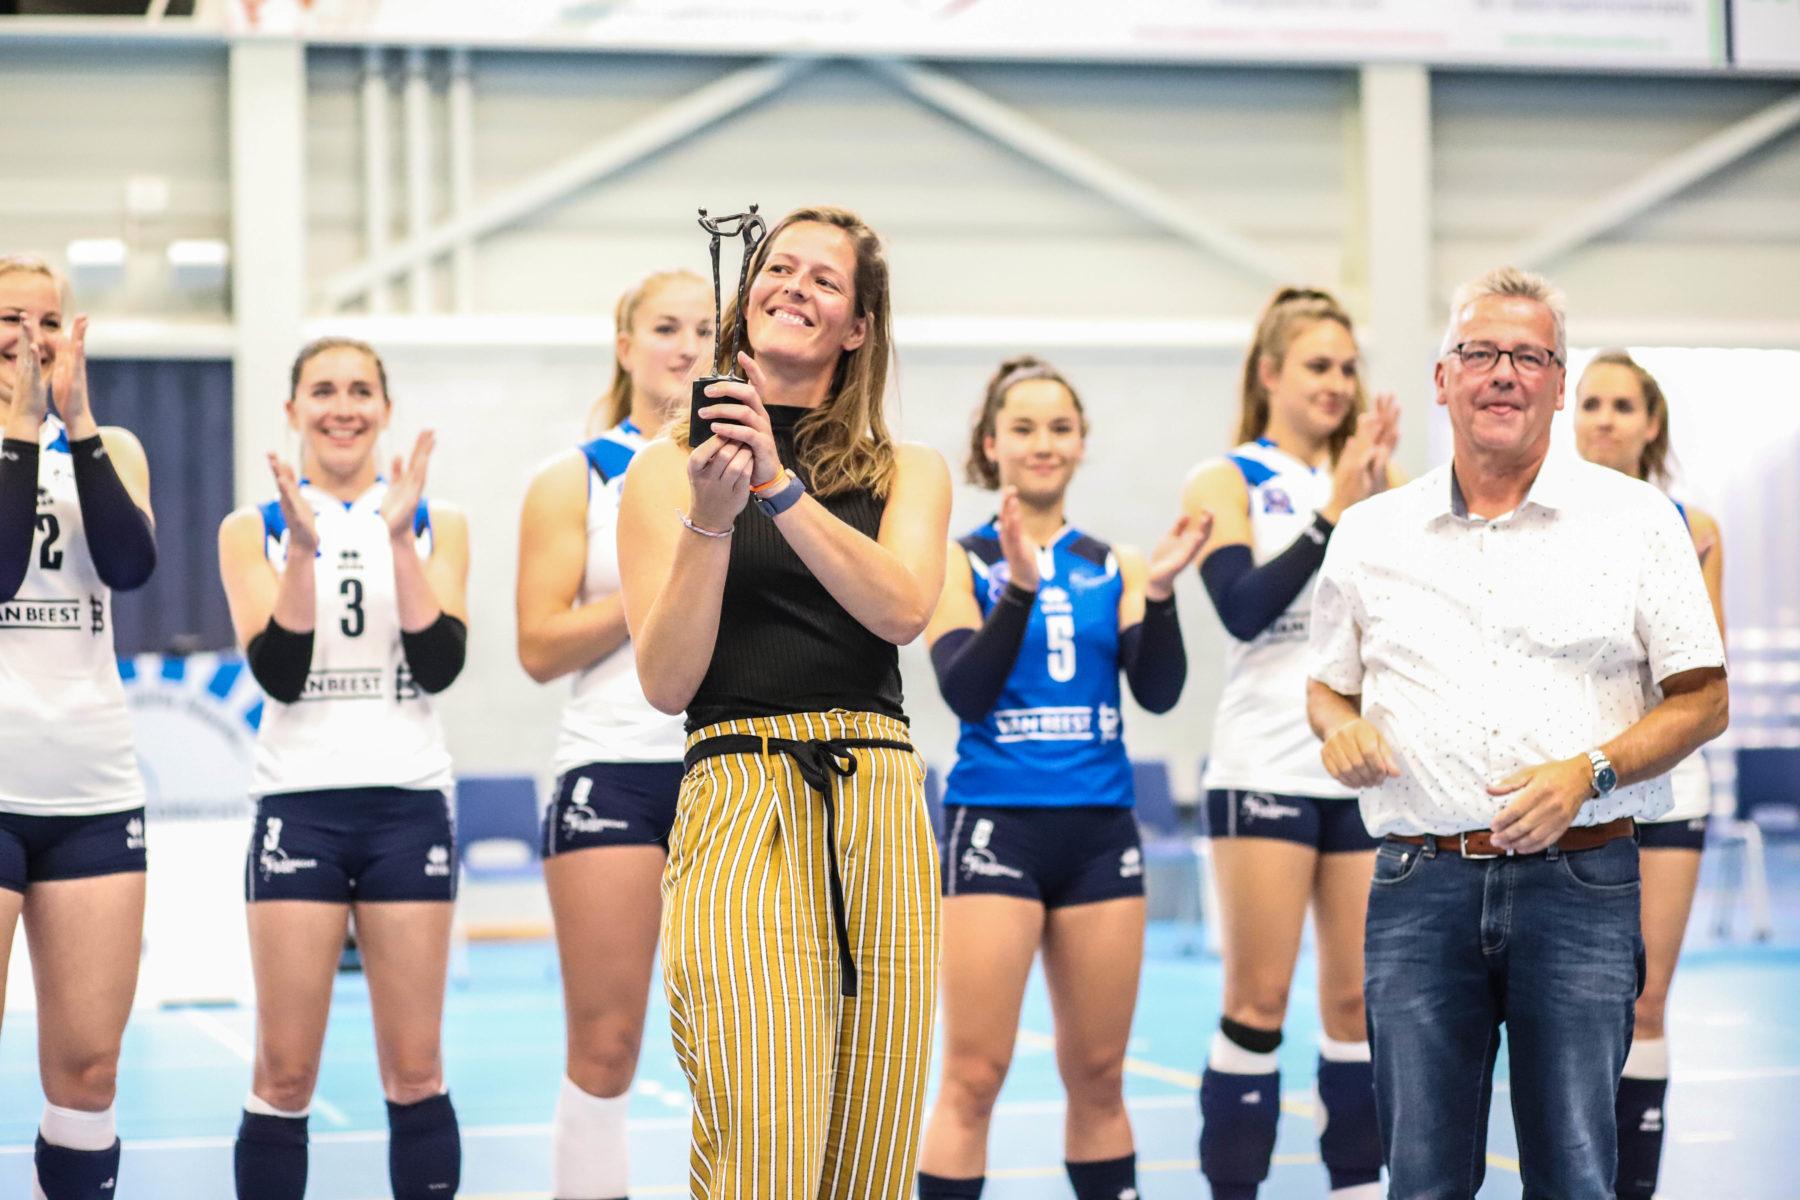 Victorie tijdens Sliedrecht Sport-dag